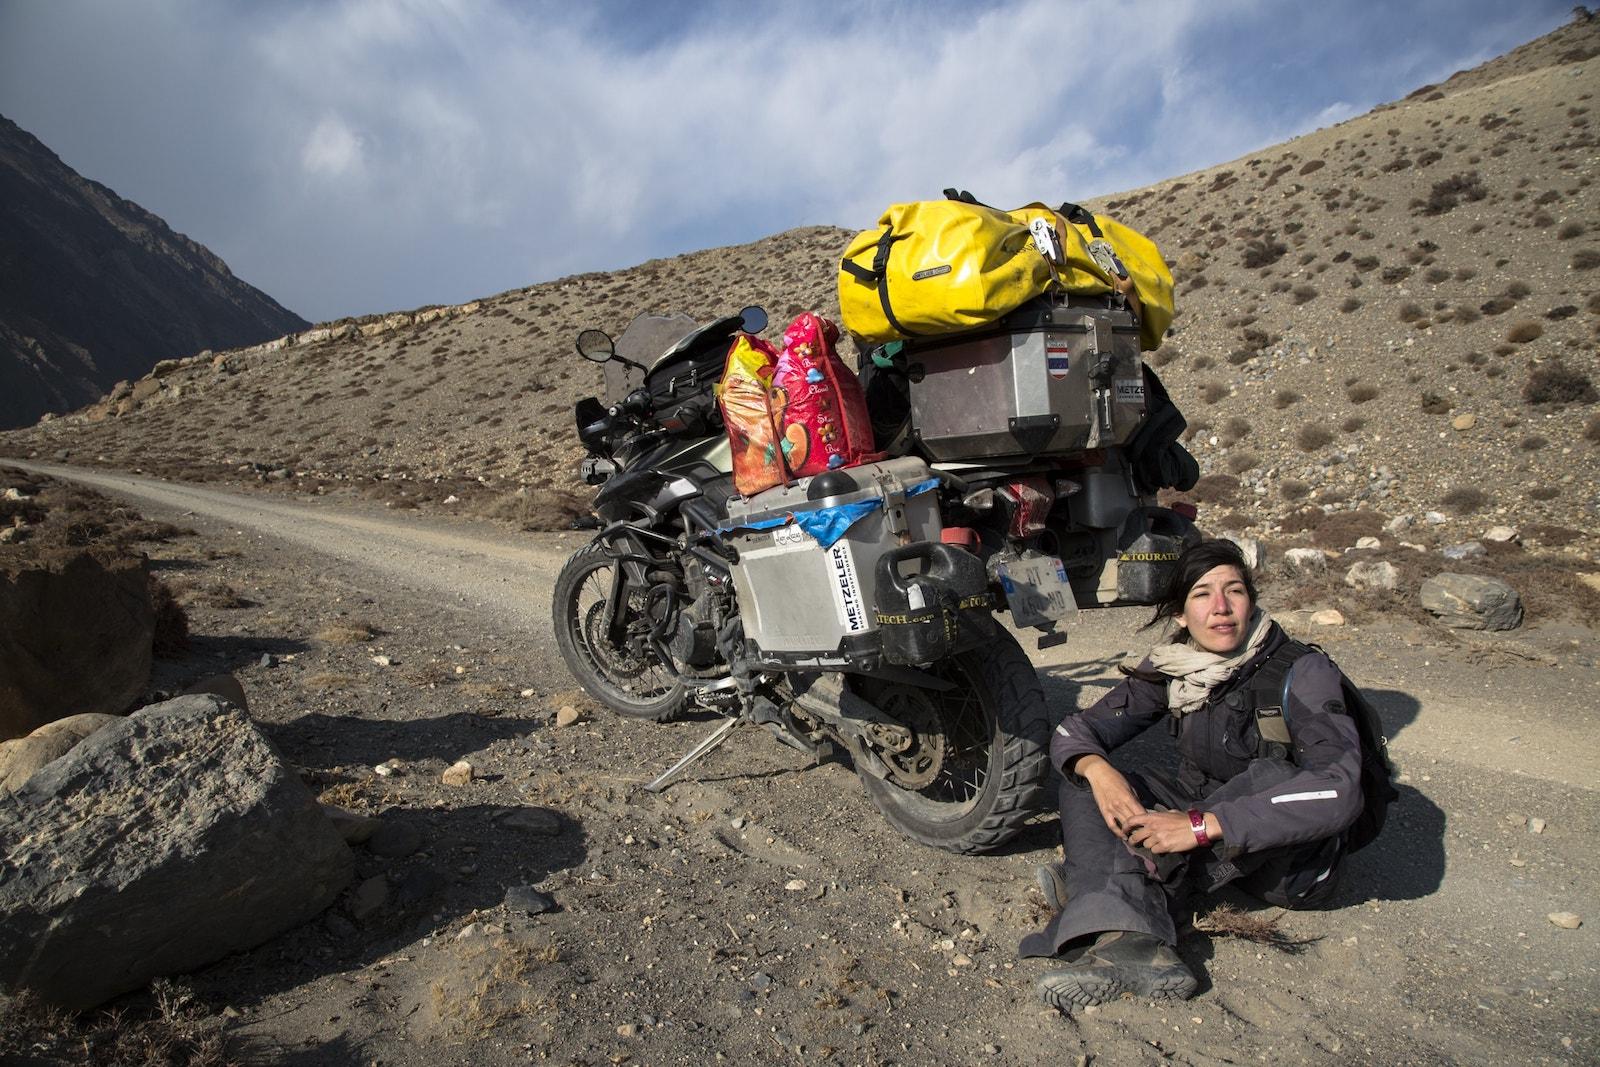 Melusine Mallender voies de la liberte ne te degonfle pas expedition moto voyage asie 1